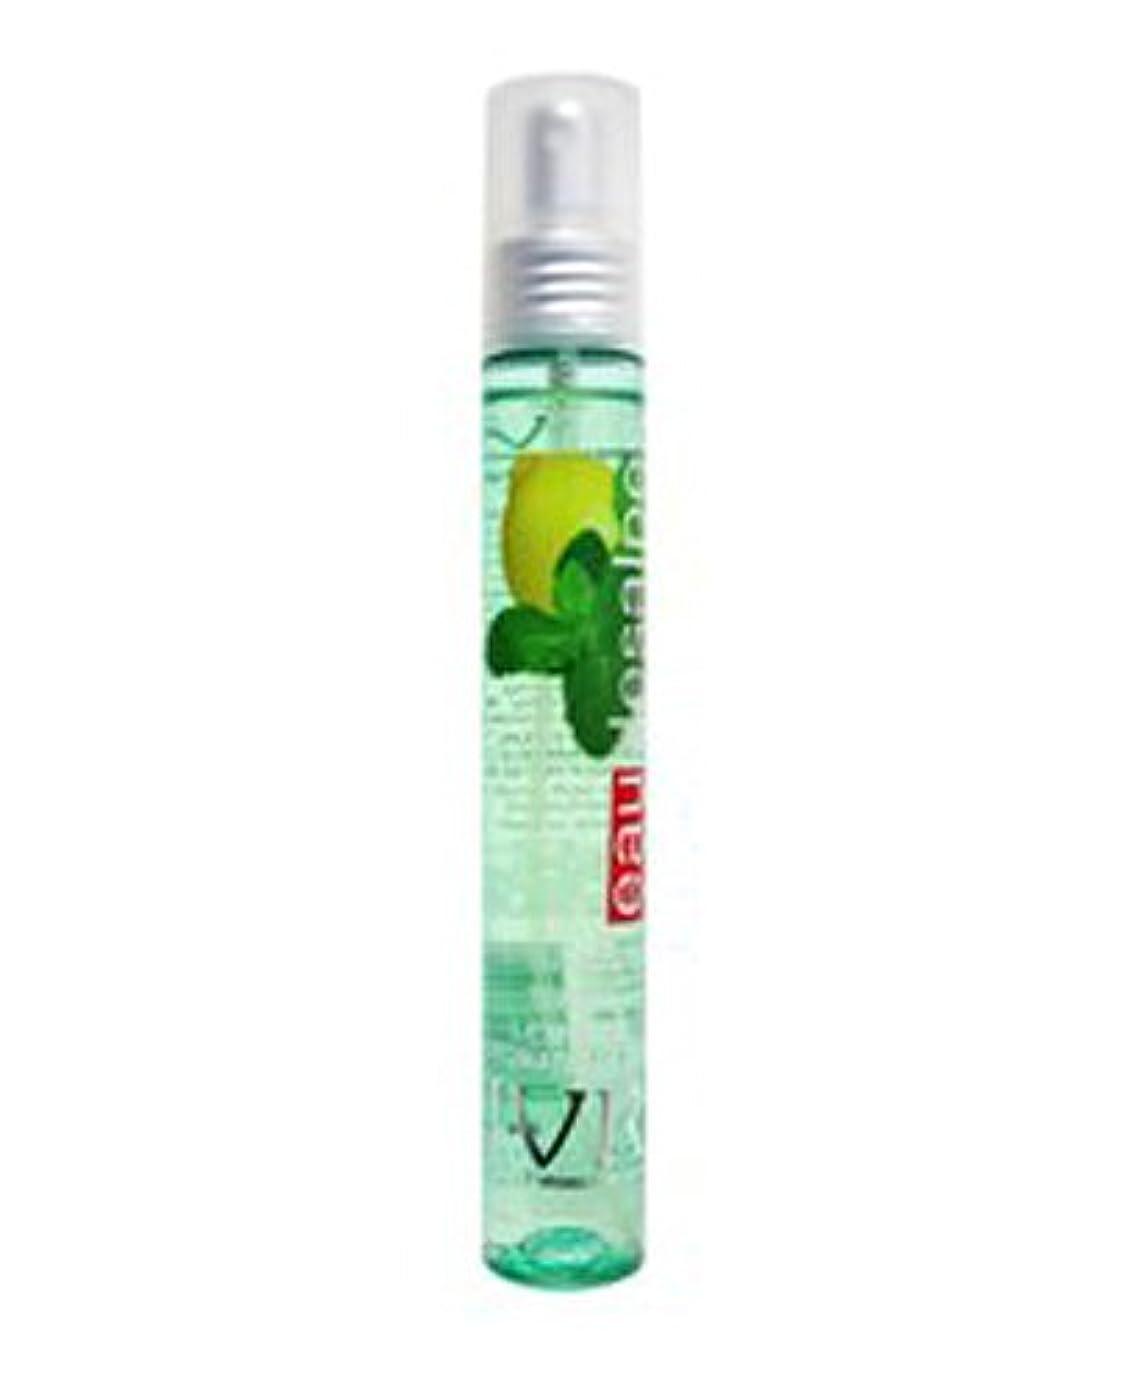 贅沢適用済みブリークIVR オーデアルプス センテドボディミスト レモン&アロマティックハーブス  75ml